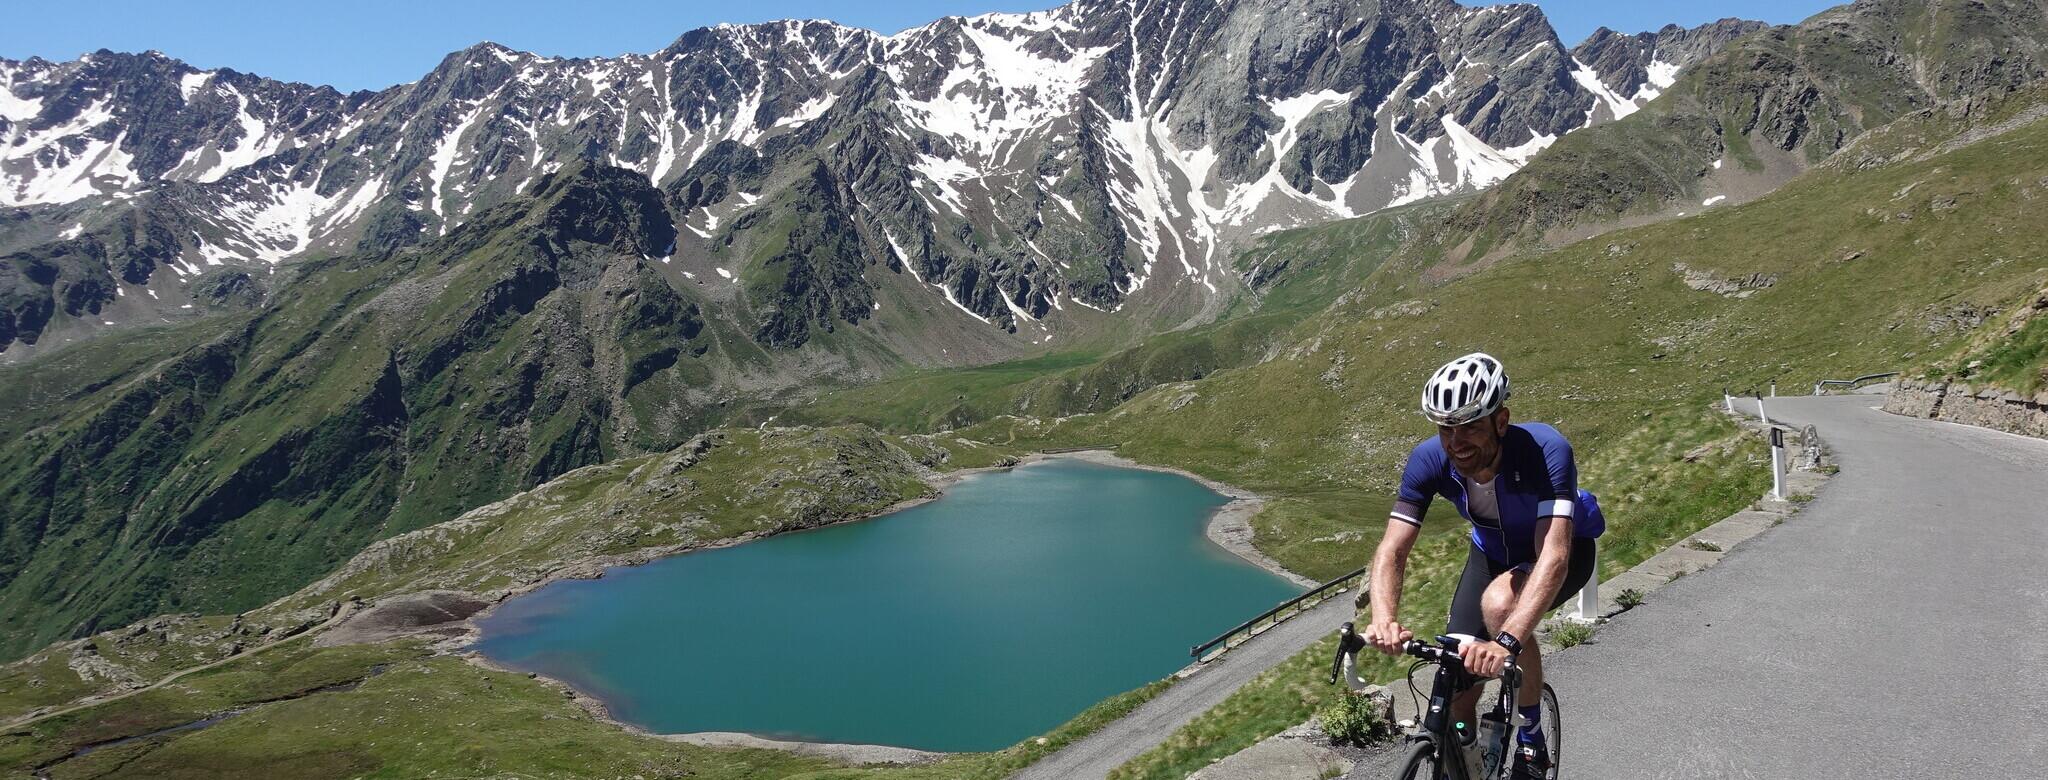 idyllische Alpenpässe